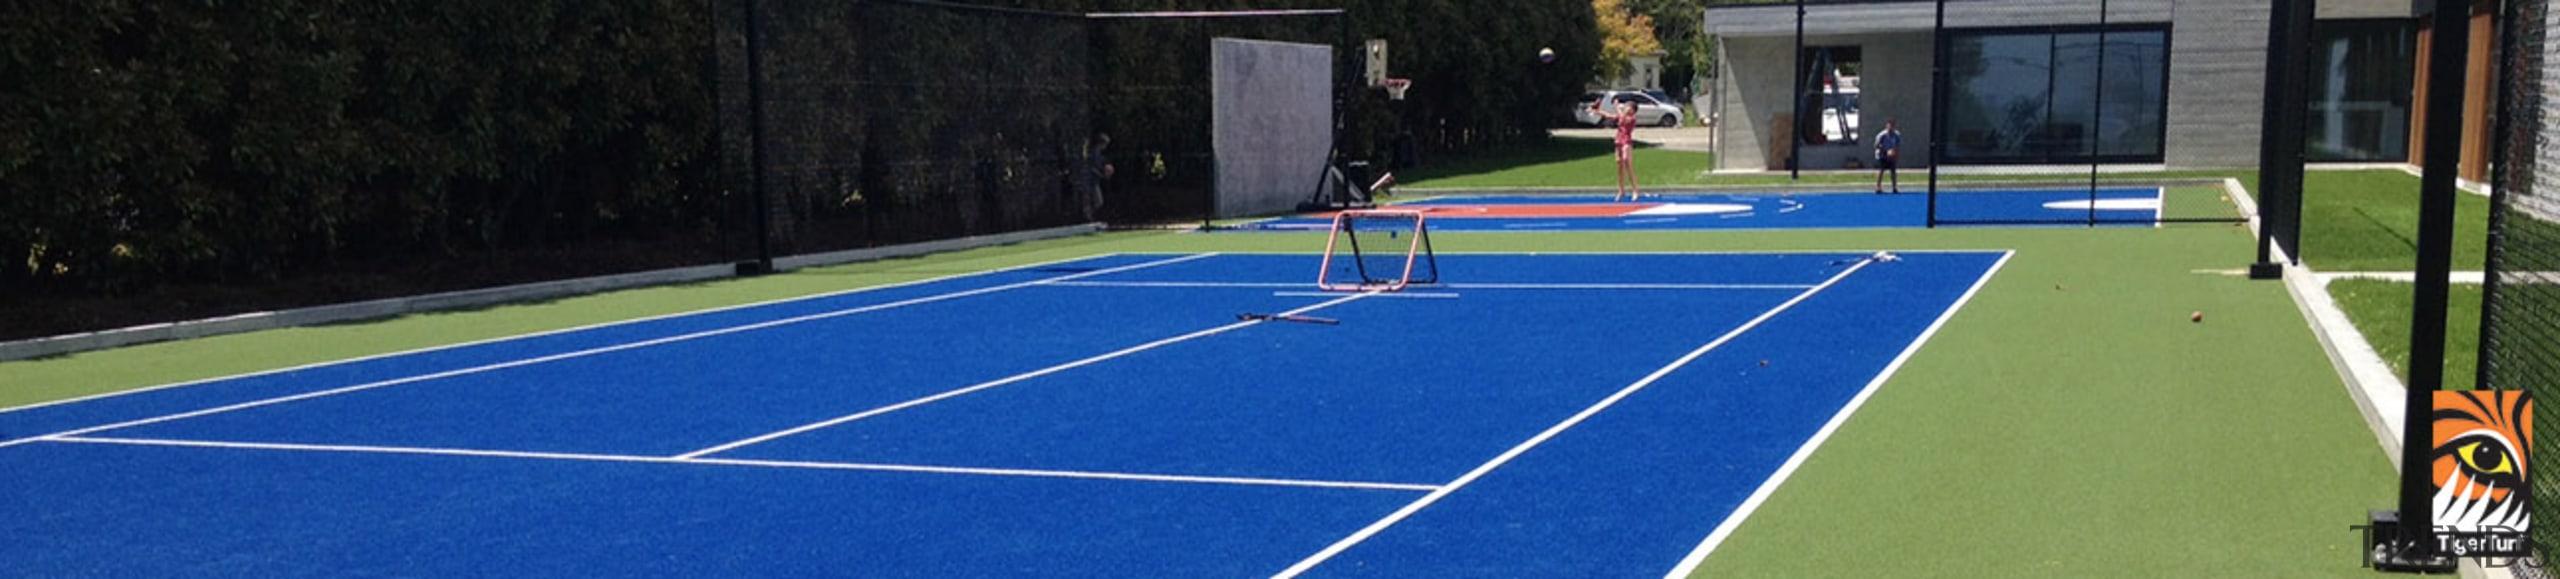 Screen Shot 2019 06 14 at 12 31 ball game, floor, grass, individual sports, leisure, net, play, racquet sport, sport venue, sports, tennis, tennis court, tennis player, blue, black